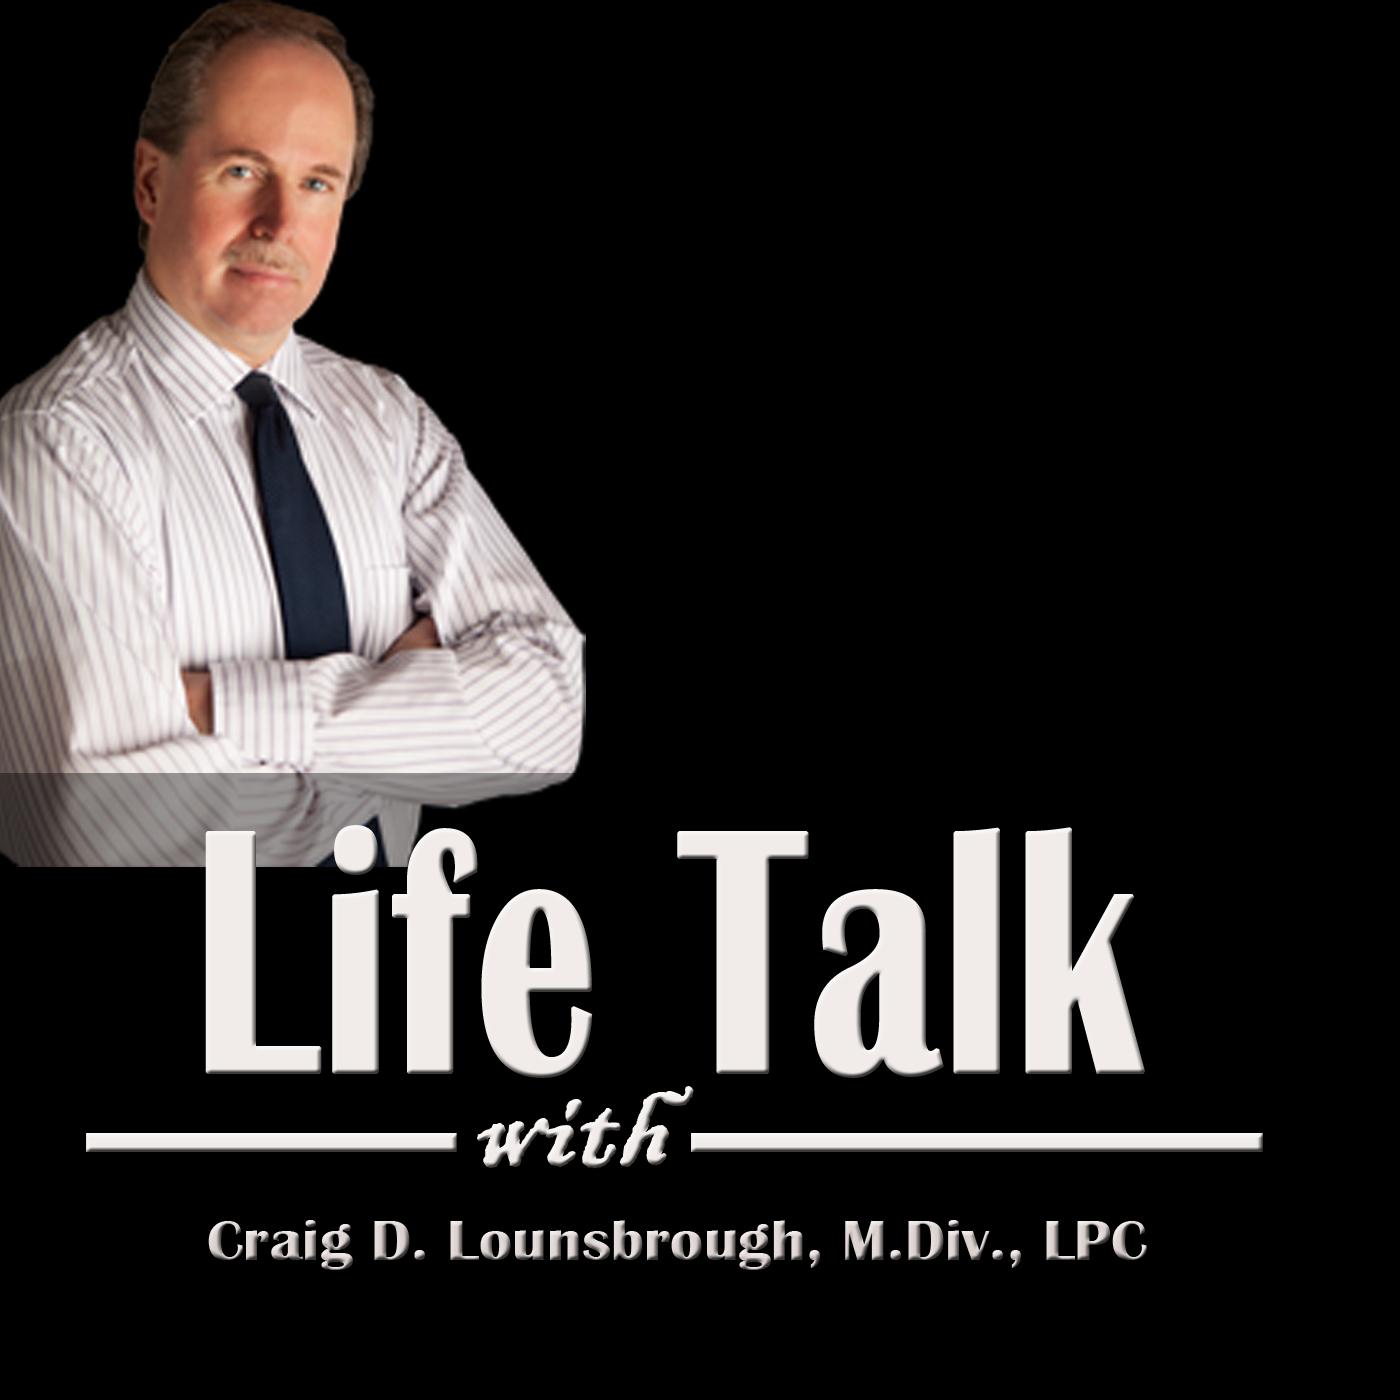 Life Talk with Craig Lounsbrough